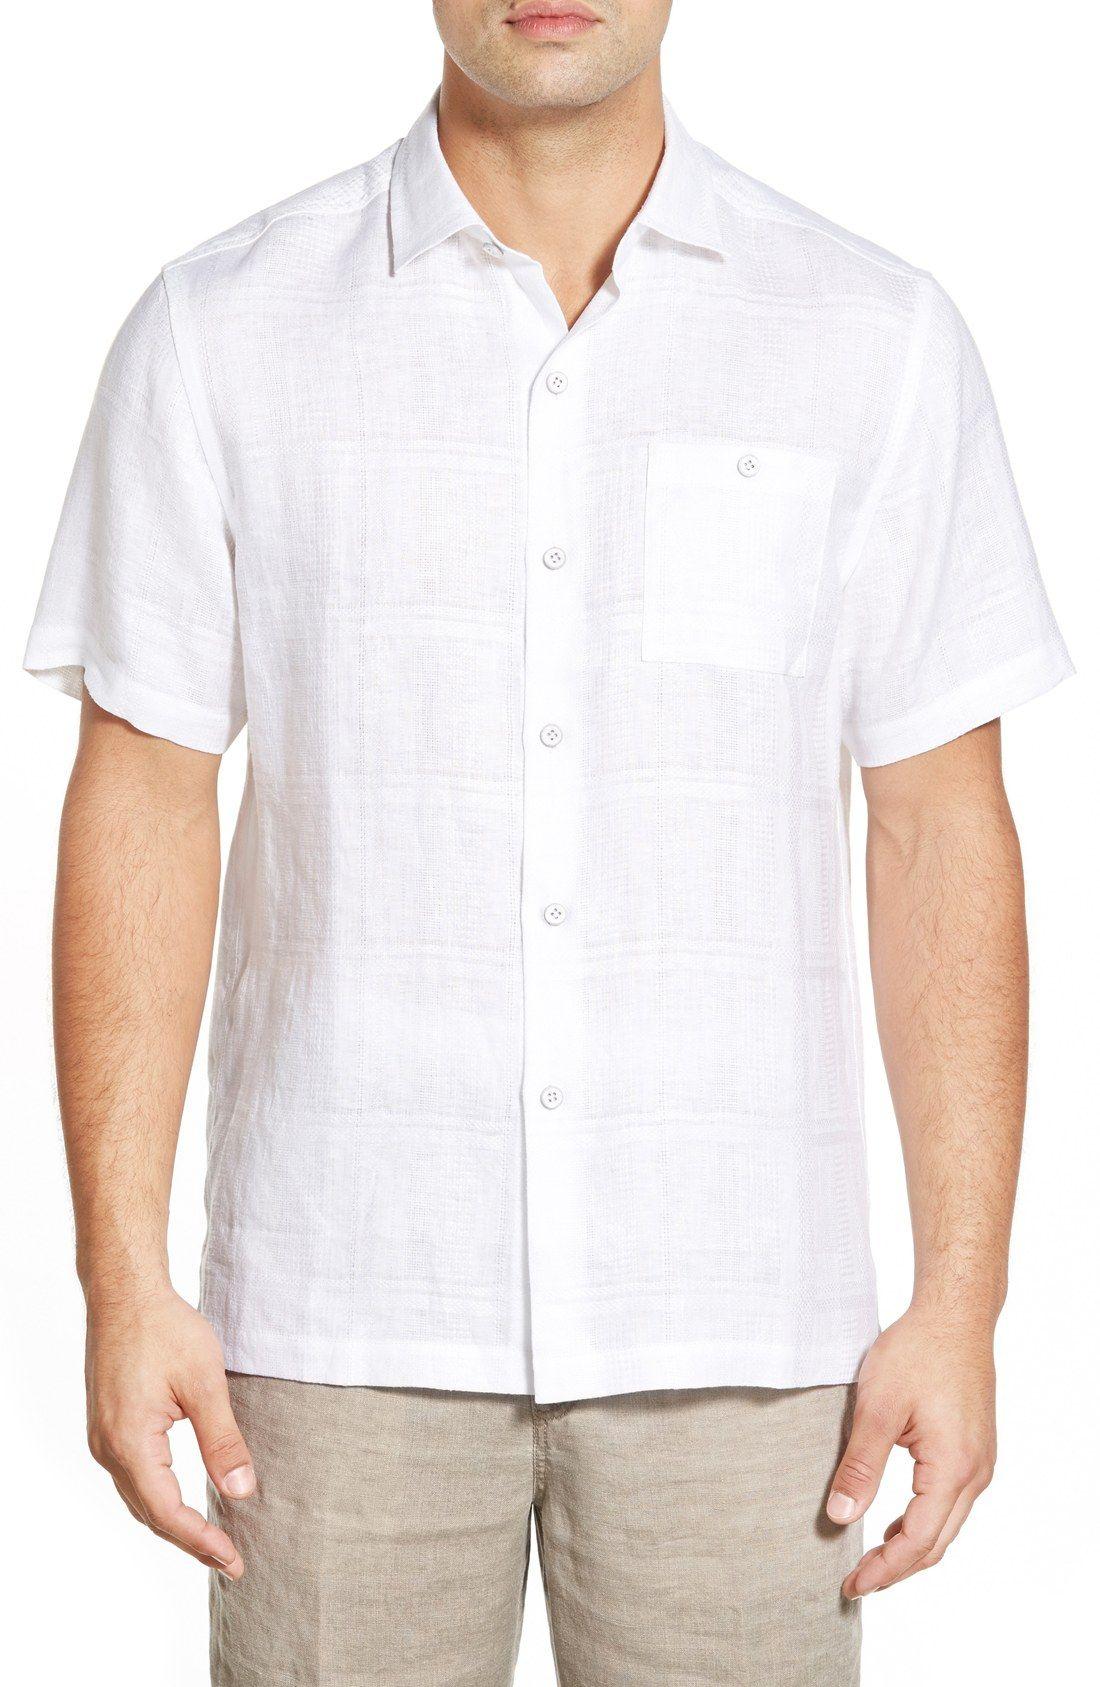 747e00d6b Tommy Bahama 'San Marino' Island Modern Fit Linen Camp Shirt | D + R ...